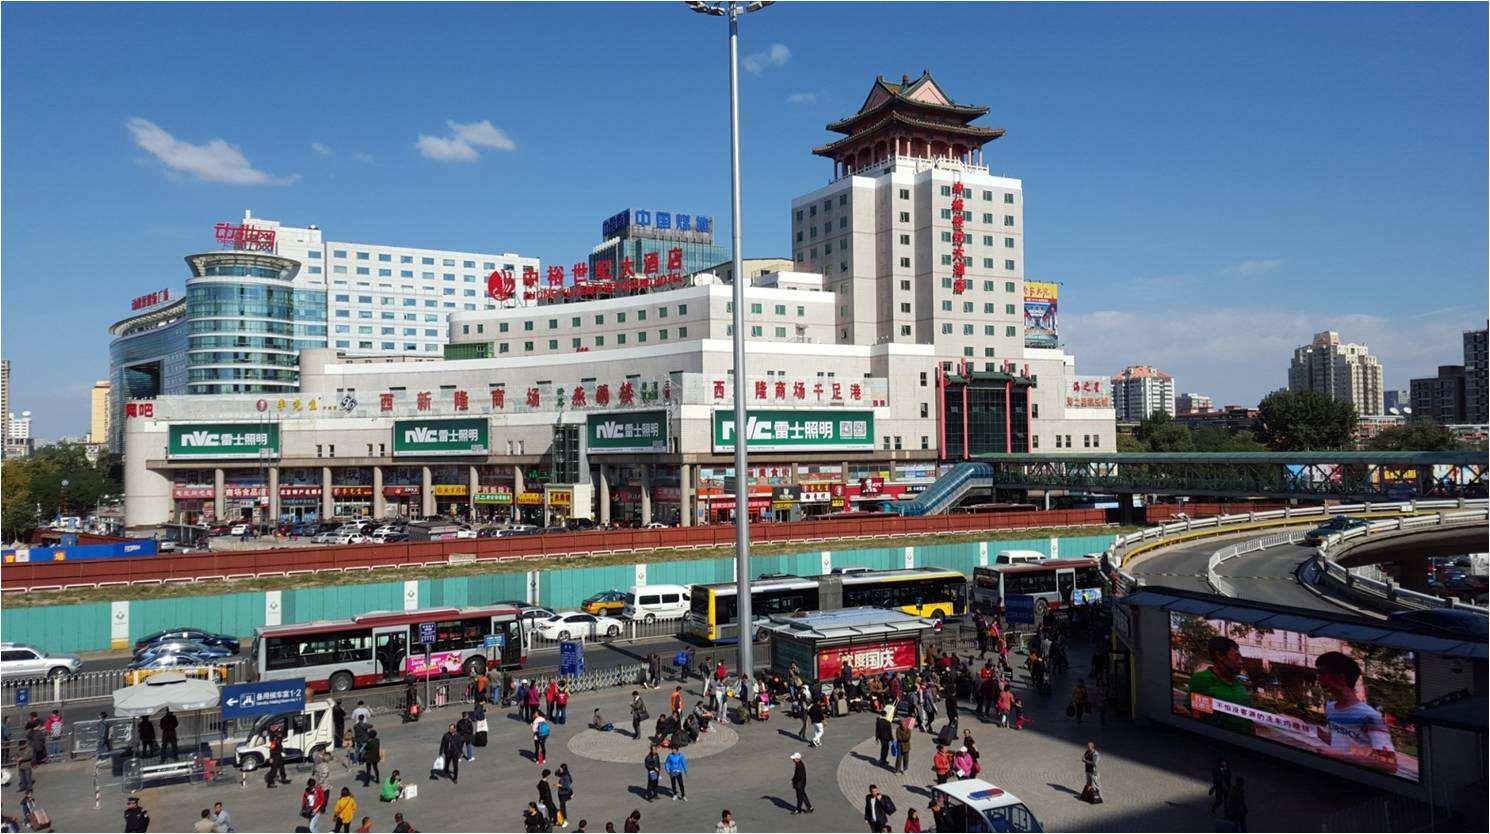 警方北京西站集中打击欺骗行为 抓获违法人员24名